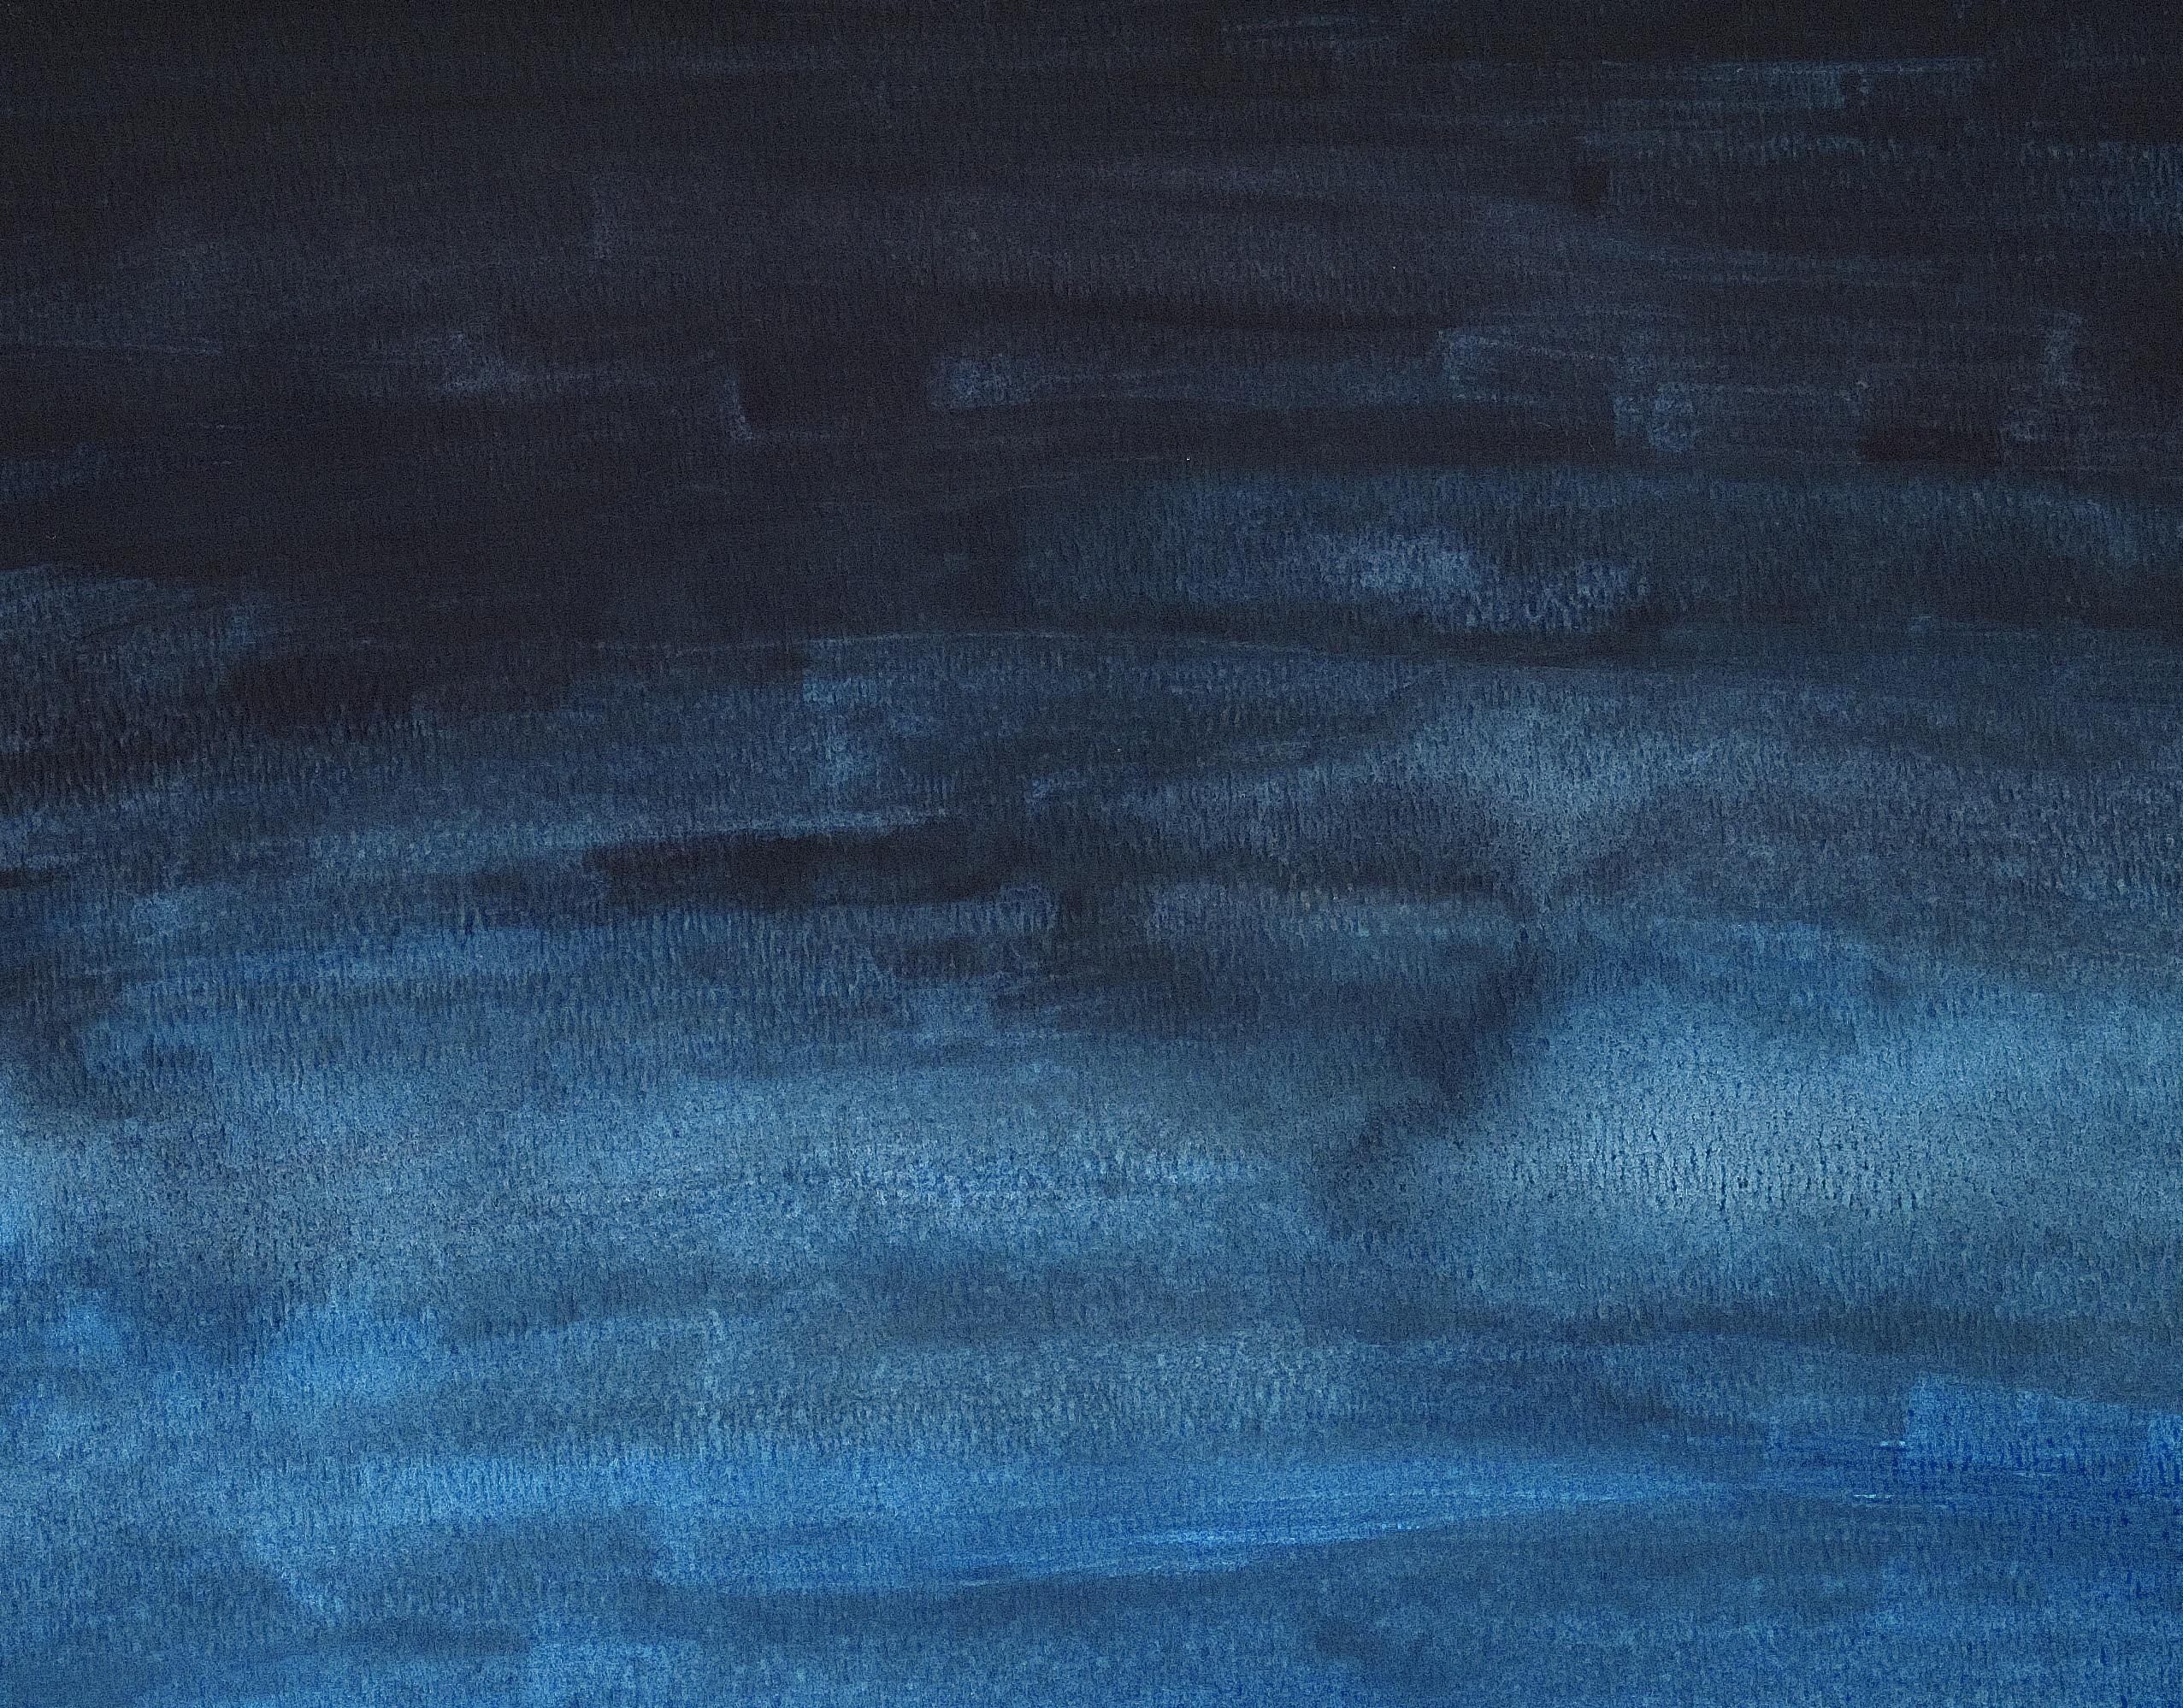 Free Images : water, light, texture, floor, wet ...